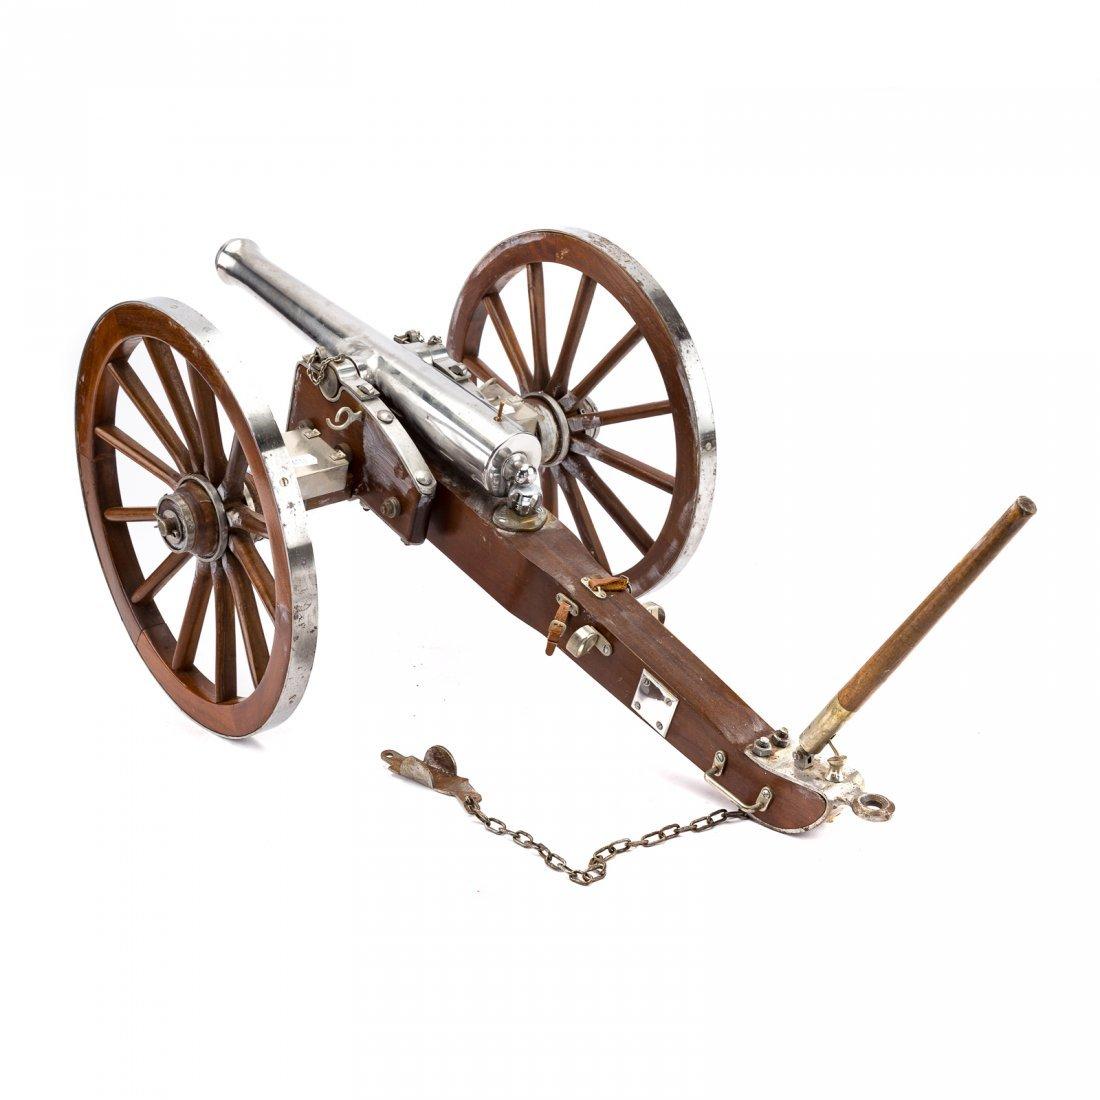 Miniature working replica of Dahlgren cannon - 4